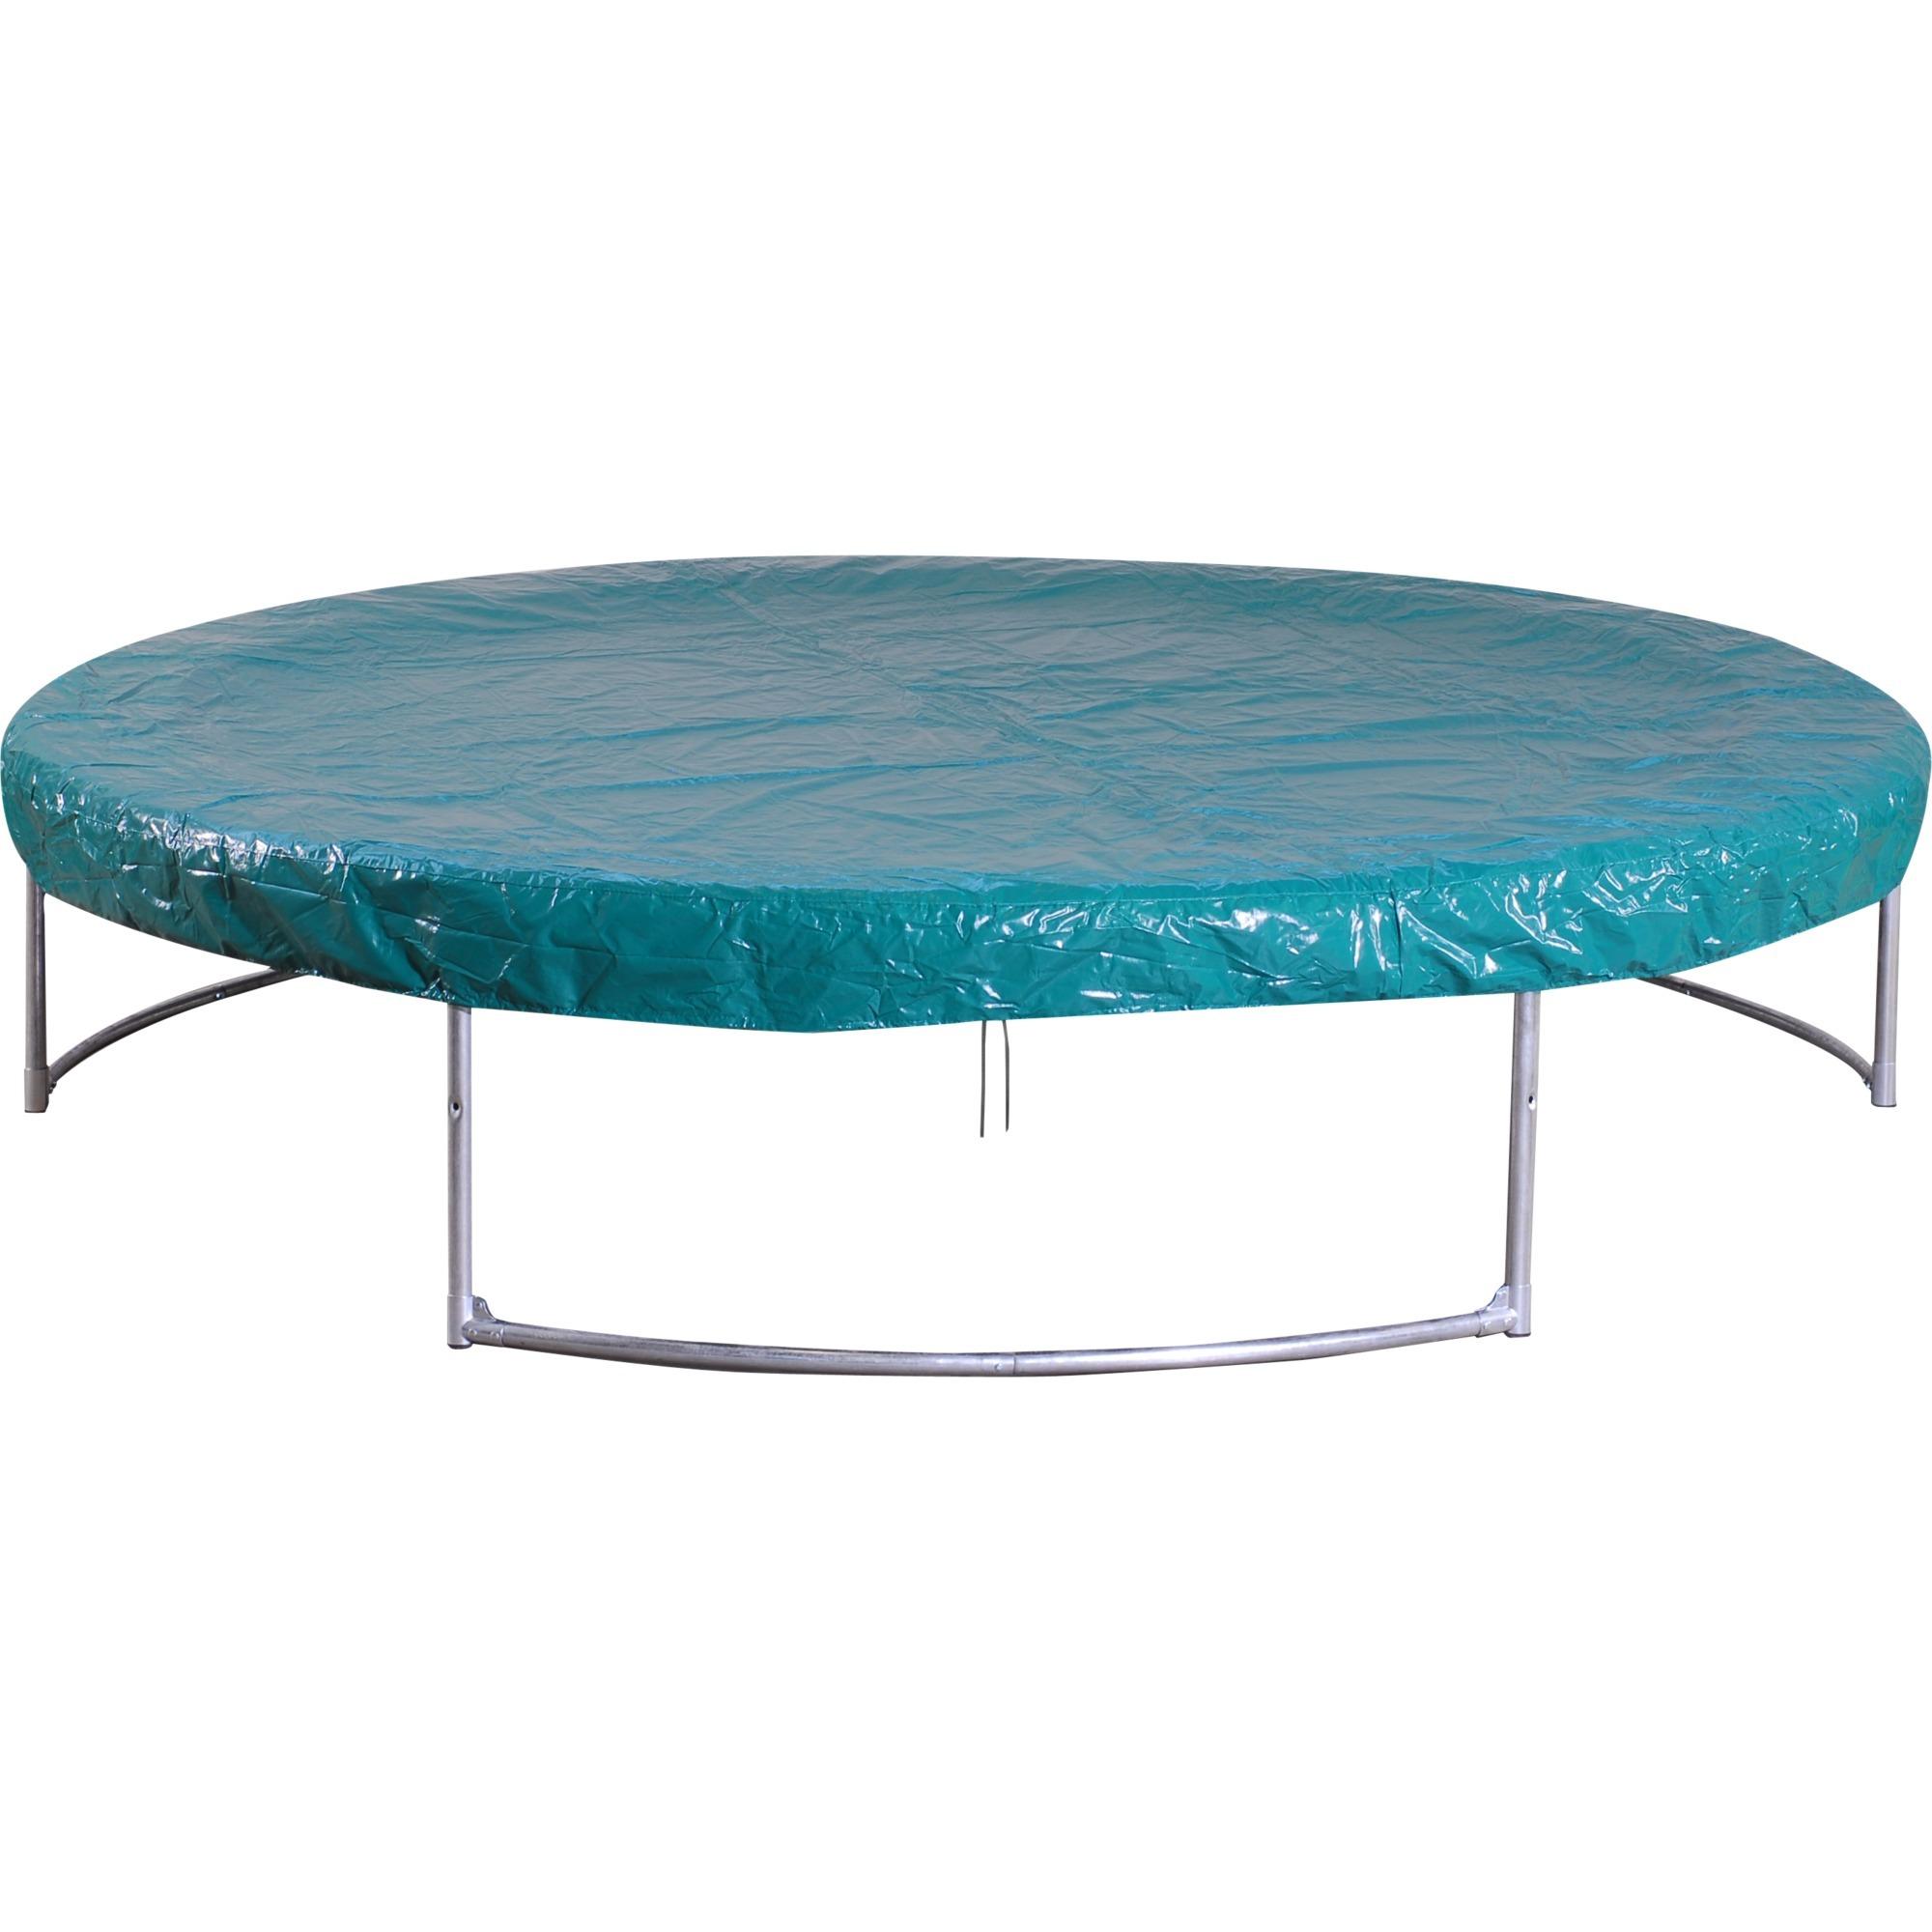 Housse de Protection imperméable pour Trampoline, Couverture de piscine